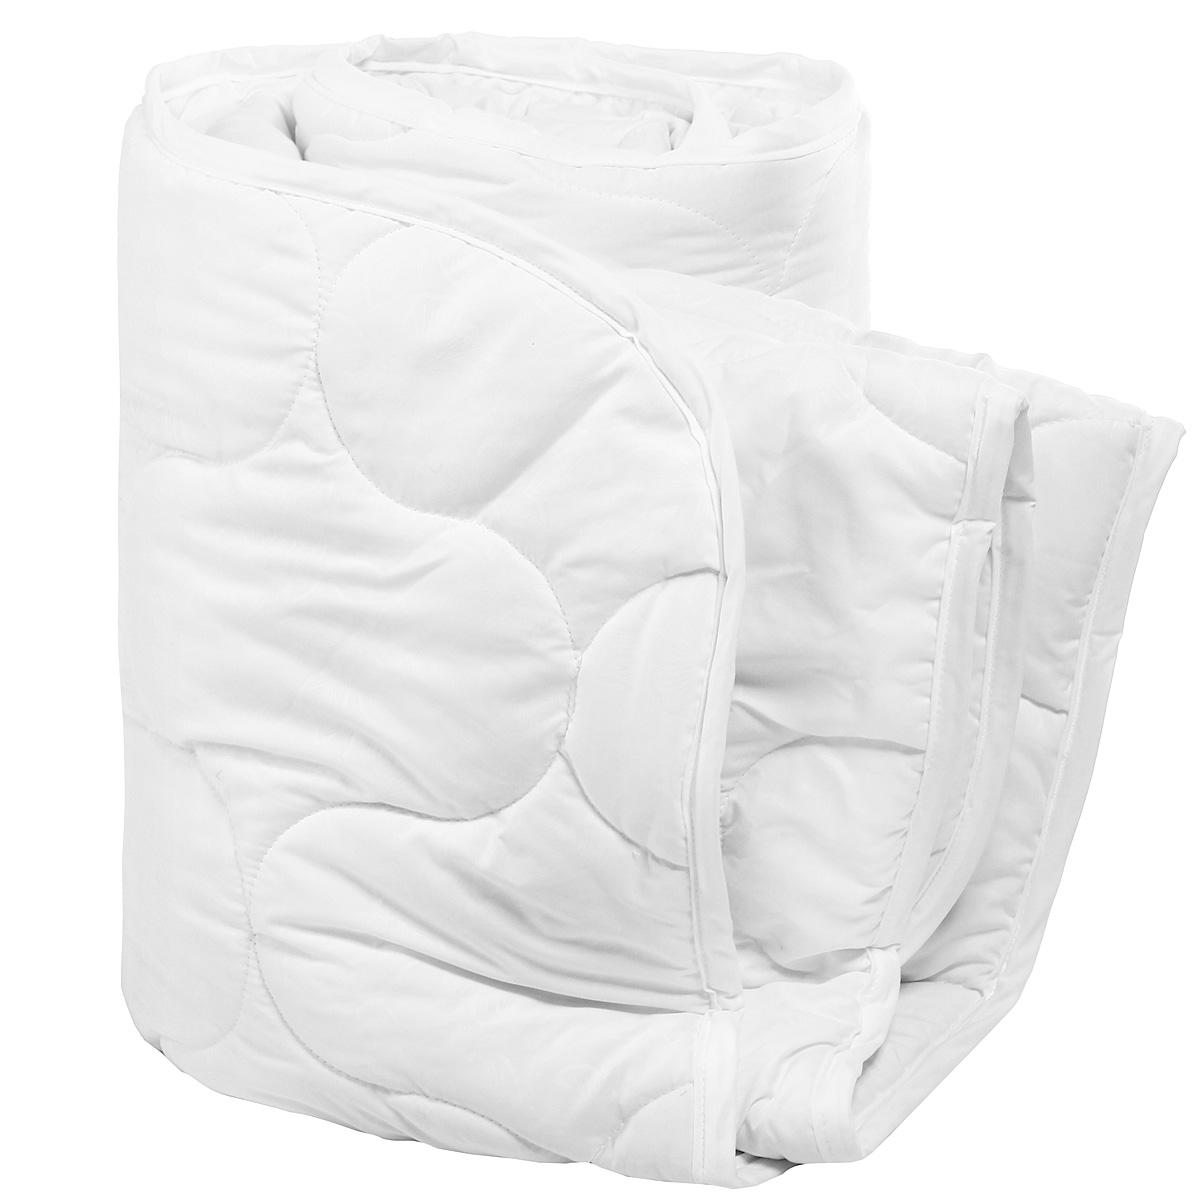 Одеяло Green Line, наполнитель: бамбуковое волокно, 140 х 205 смМХПЭ-18-1При изготовлении одеяла Green Line применяется ткань нового поколения из микрофиламентных нитей Ultratex. Одеяло не требует специального ухода, быстро сохнет после стирки и практически не мнется.Наполнитель из натуральных бамбуковых волокон. Пористая структура бамбукового волокна обеспечивает отличные условия для циркуляции воздуха и впитывания влаги.Преимущества одеяла Green Line: идеальный комфортный сон; антибактериальная защита; оптимальная терморегуляция. Характеристики:Материал чехла: 100% полиэстер (Ultratex). Наполнитель: 50 % бамбуковое волокно, 50% полиэстер. Цвет: белый. Масса наполнителя: 300 г/м2. Размер одеяла: 140 см х 205 см. Размер упаковки:58 см х 15 см х 43 см. Артикул: 165989.